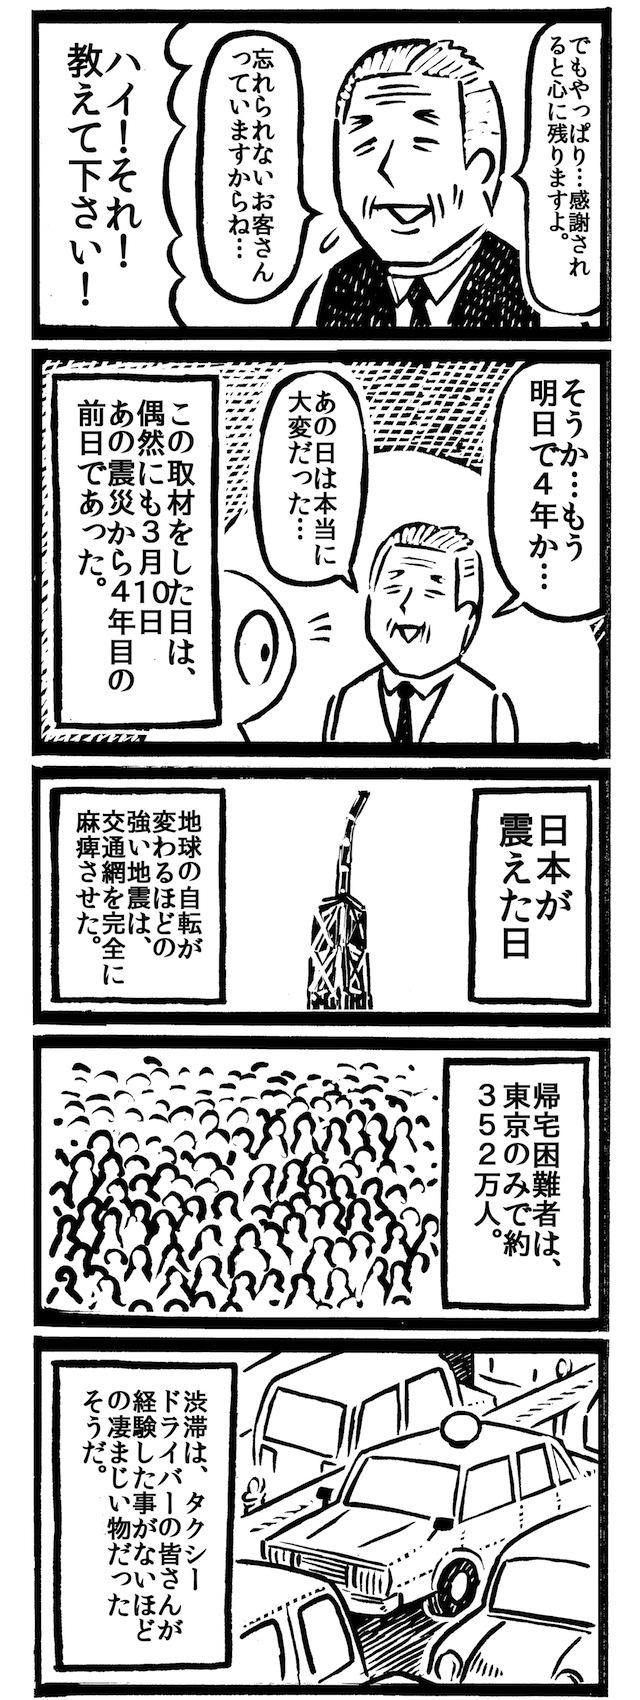 f:id:kakijiro:20151208235617j:plain